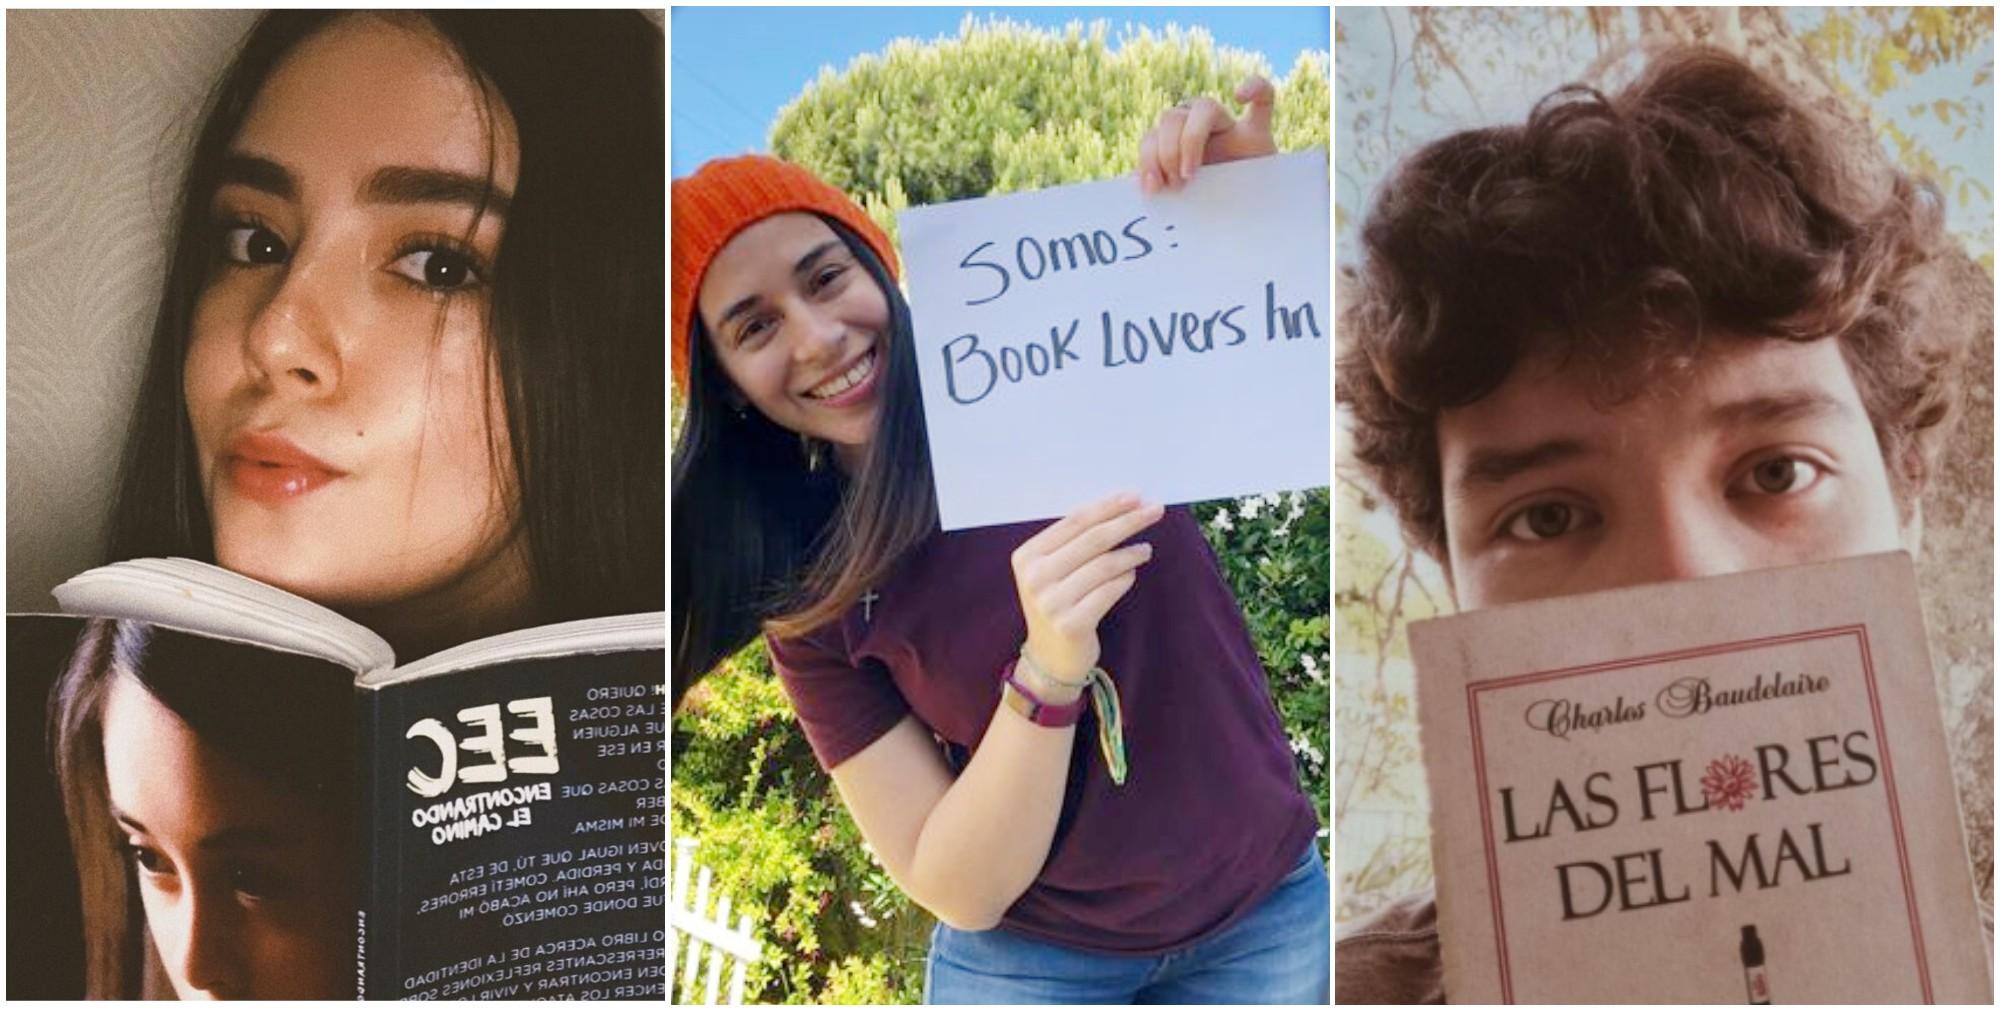 Books Lovers HN, un blog de talentosos escritores hondureños